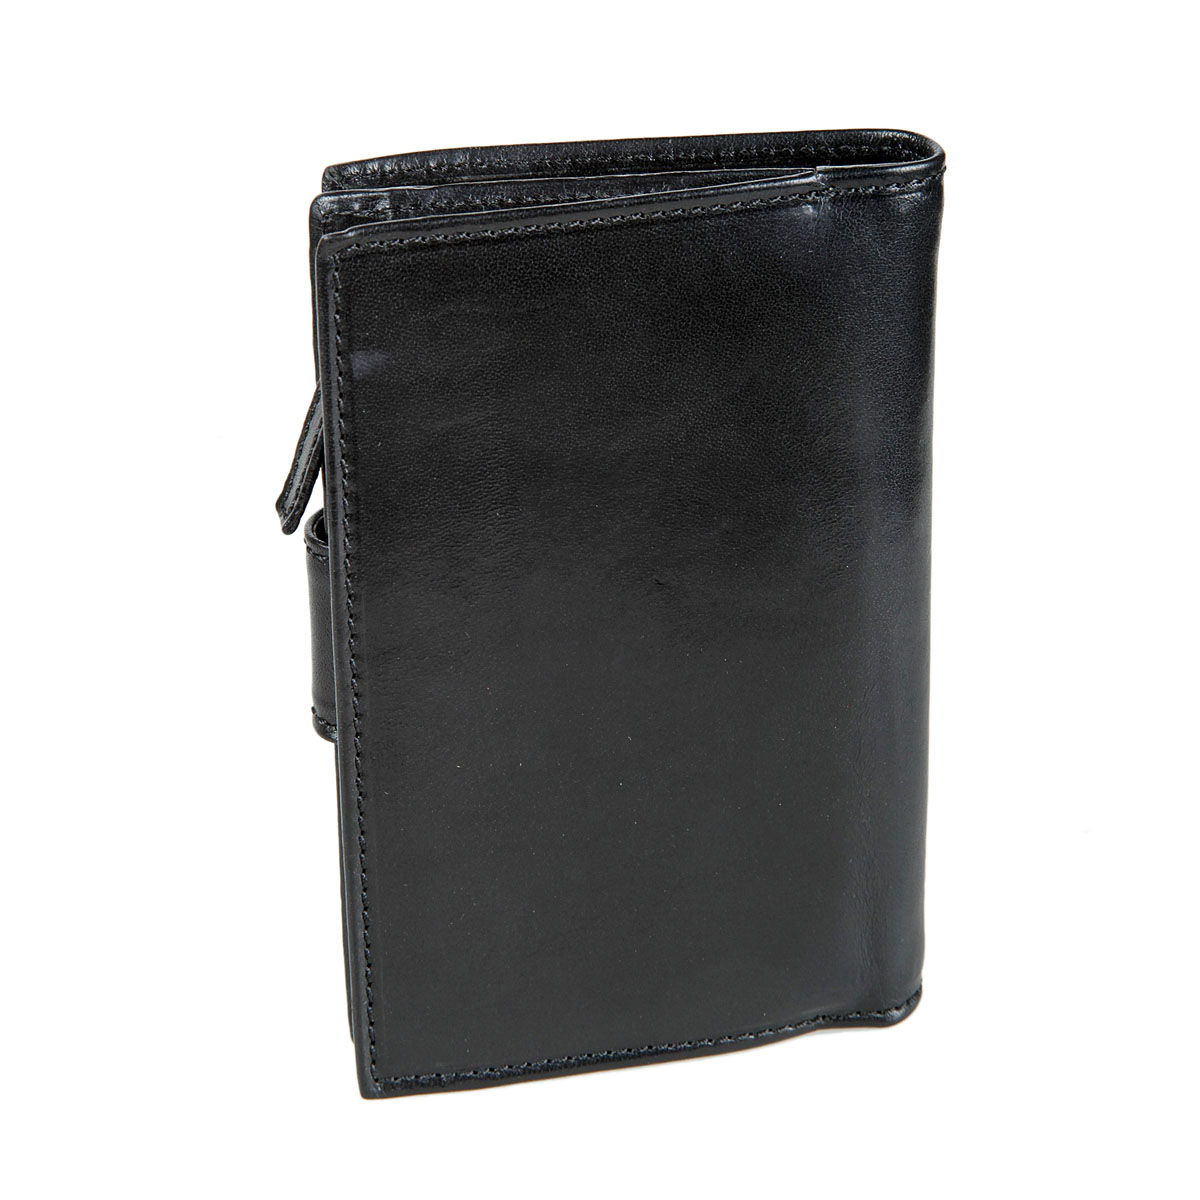 Портмоне мужское Gianni Conti, цвет: черный. 908046BM8434-58AEСтильное мужское портмоне Gianni Conti выполнено из натуральной кожи. Лицевая сторона оформлена тиснением в виде названия бренда производителя.Изделие раскладывается пополам. Внутри имеется два отделения для купюр, восемнадцать кармашков для визиток и пластиковых карт (один - с окошком из прозрачного пластика), два потайных кармана и два кармана для документов. Закрывается модель на хлястик с кнопкой. Снаружи на задней стенке имеется отделение на застежке-молнии для мелочи. Портмоне упаковано в фирменную картонную коробку. Оригинальное портмоне подчеркнет вашу индивидуальность и изысканный вкус, а также станет замечательным подарком человеку, ценящему качественные и практичные вещи.